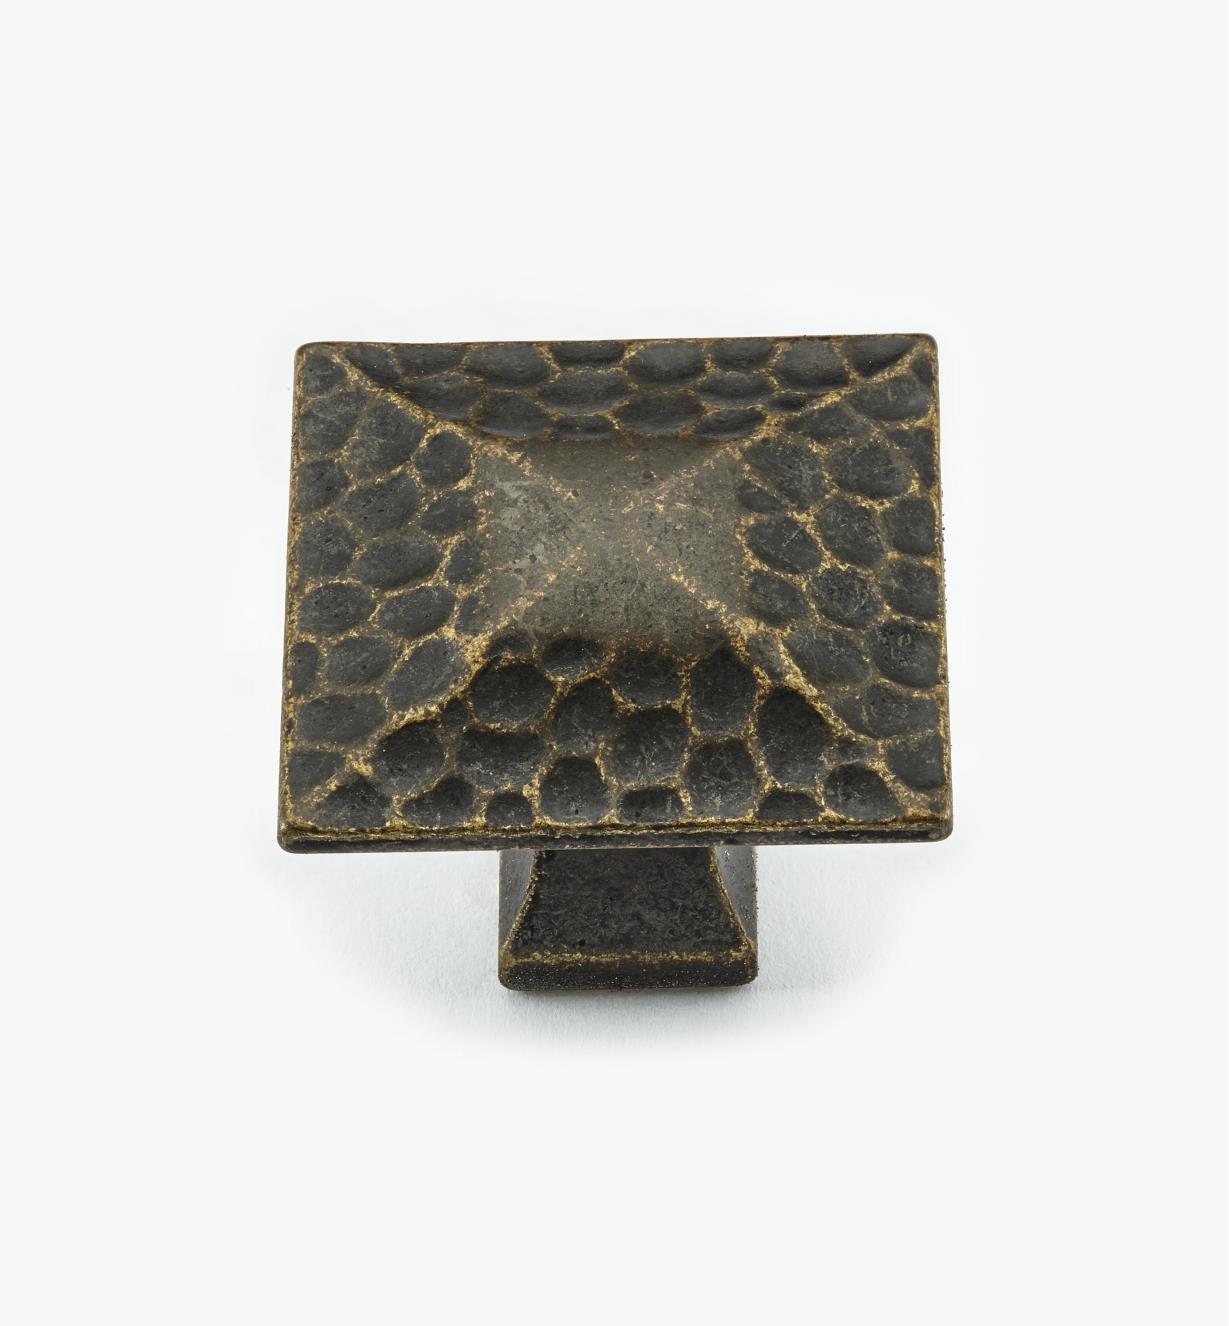 02W3682 - Bouton carré de 1 1/4 po x 1 1/8 po, série Craftsman, fini laiton antique